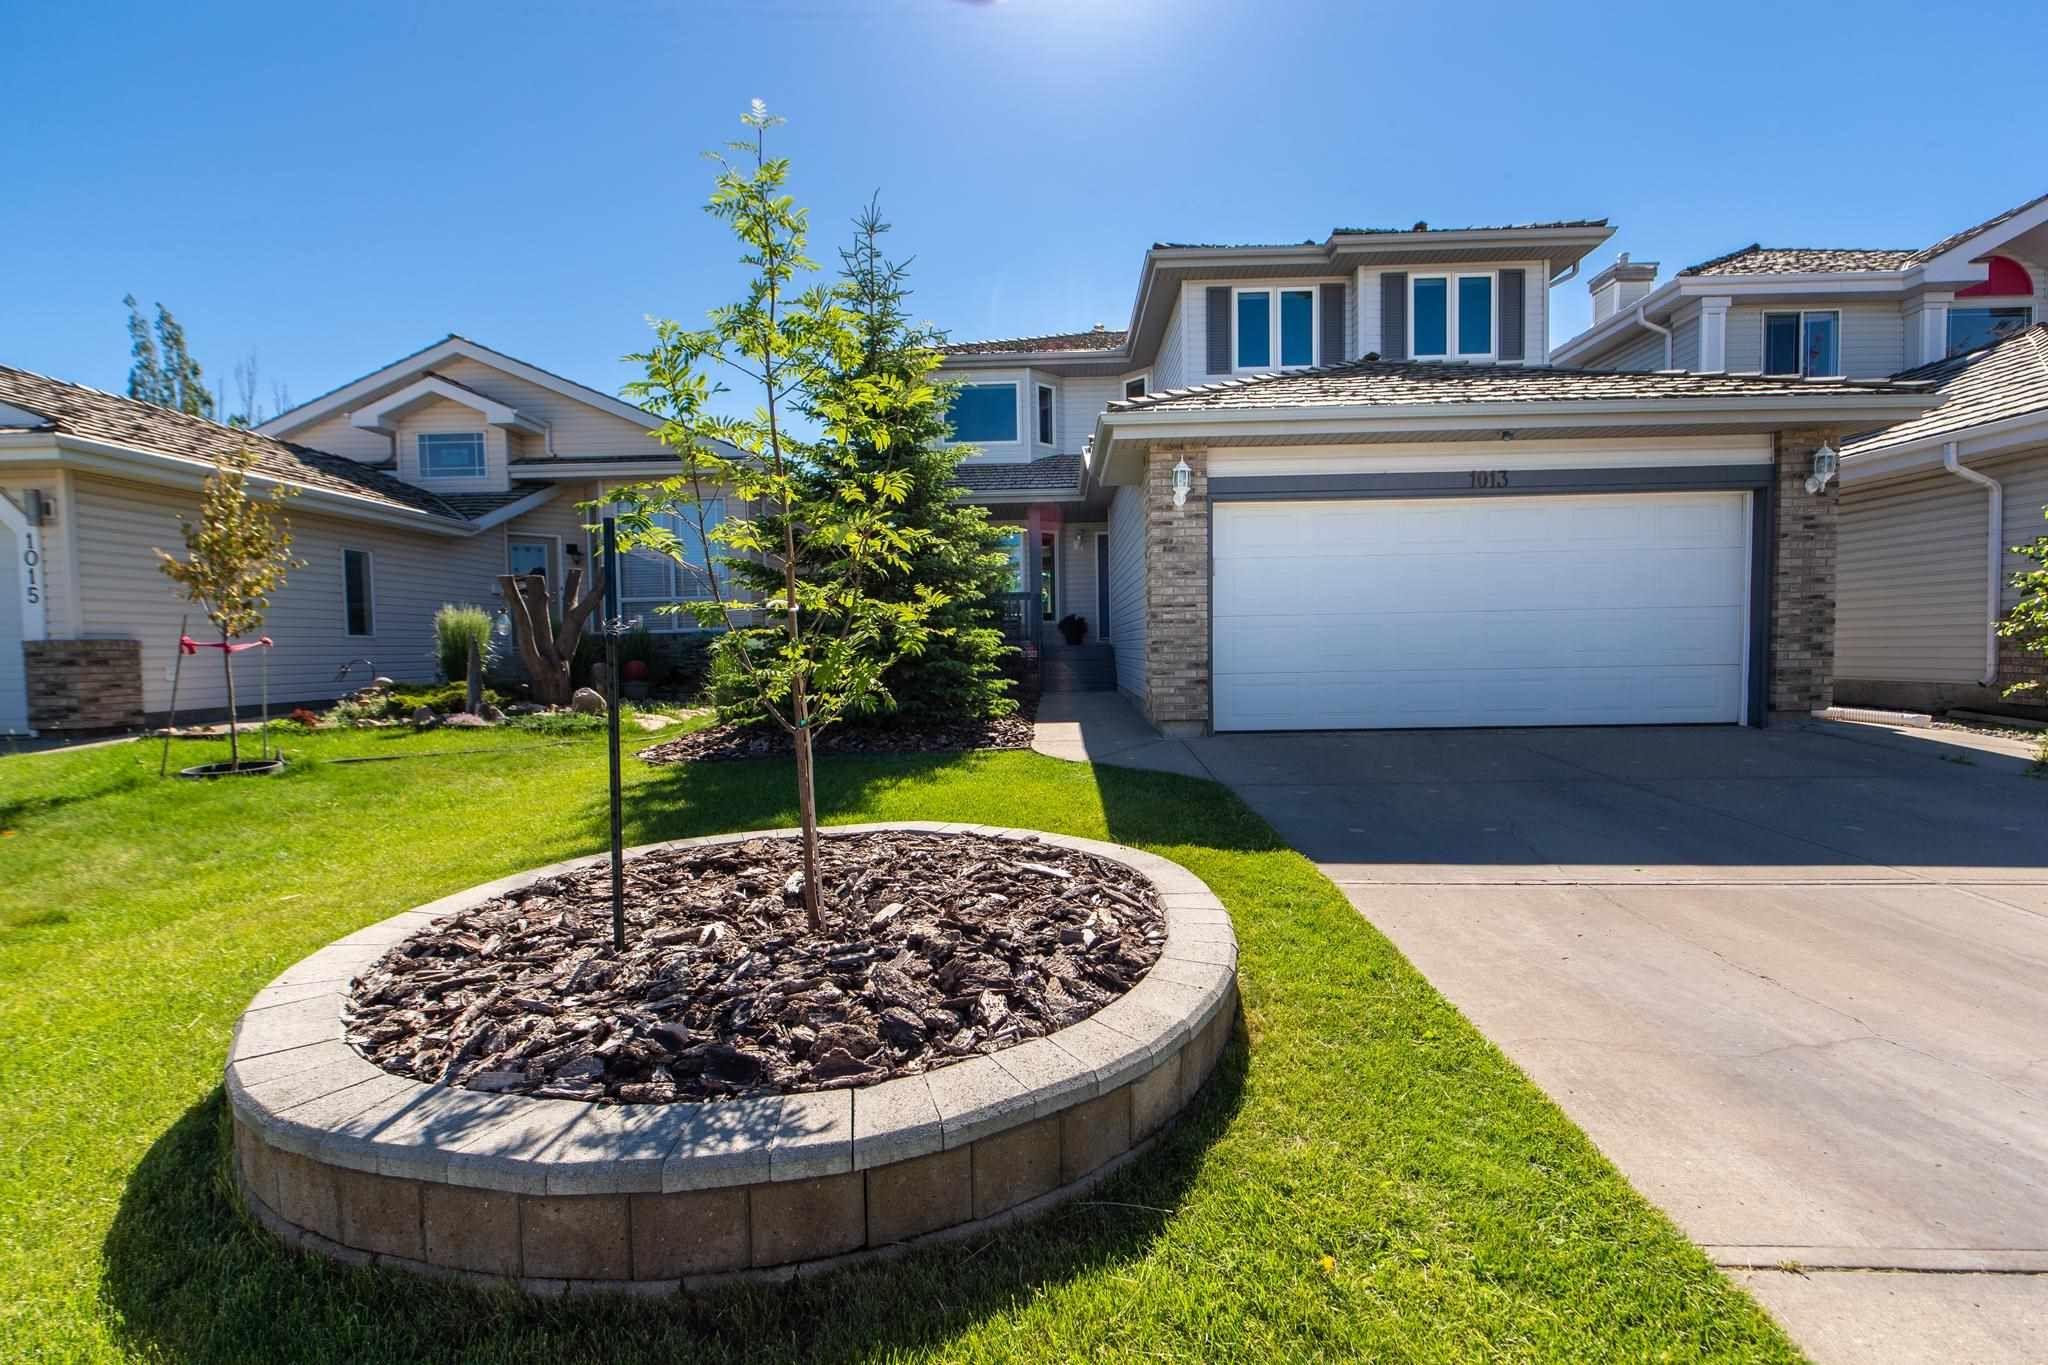 Main Photo: 1013 BLACKBURN Close in Edmonton: Zone 55 House for sale : MLS®# E4253088